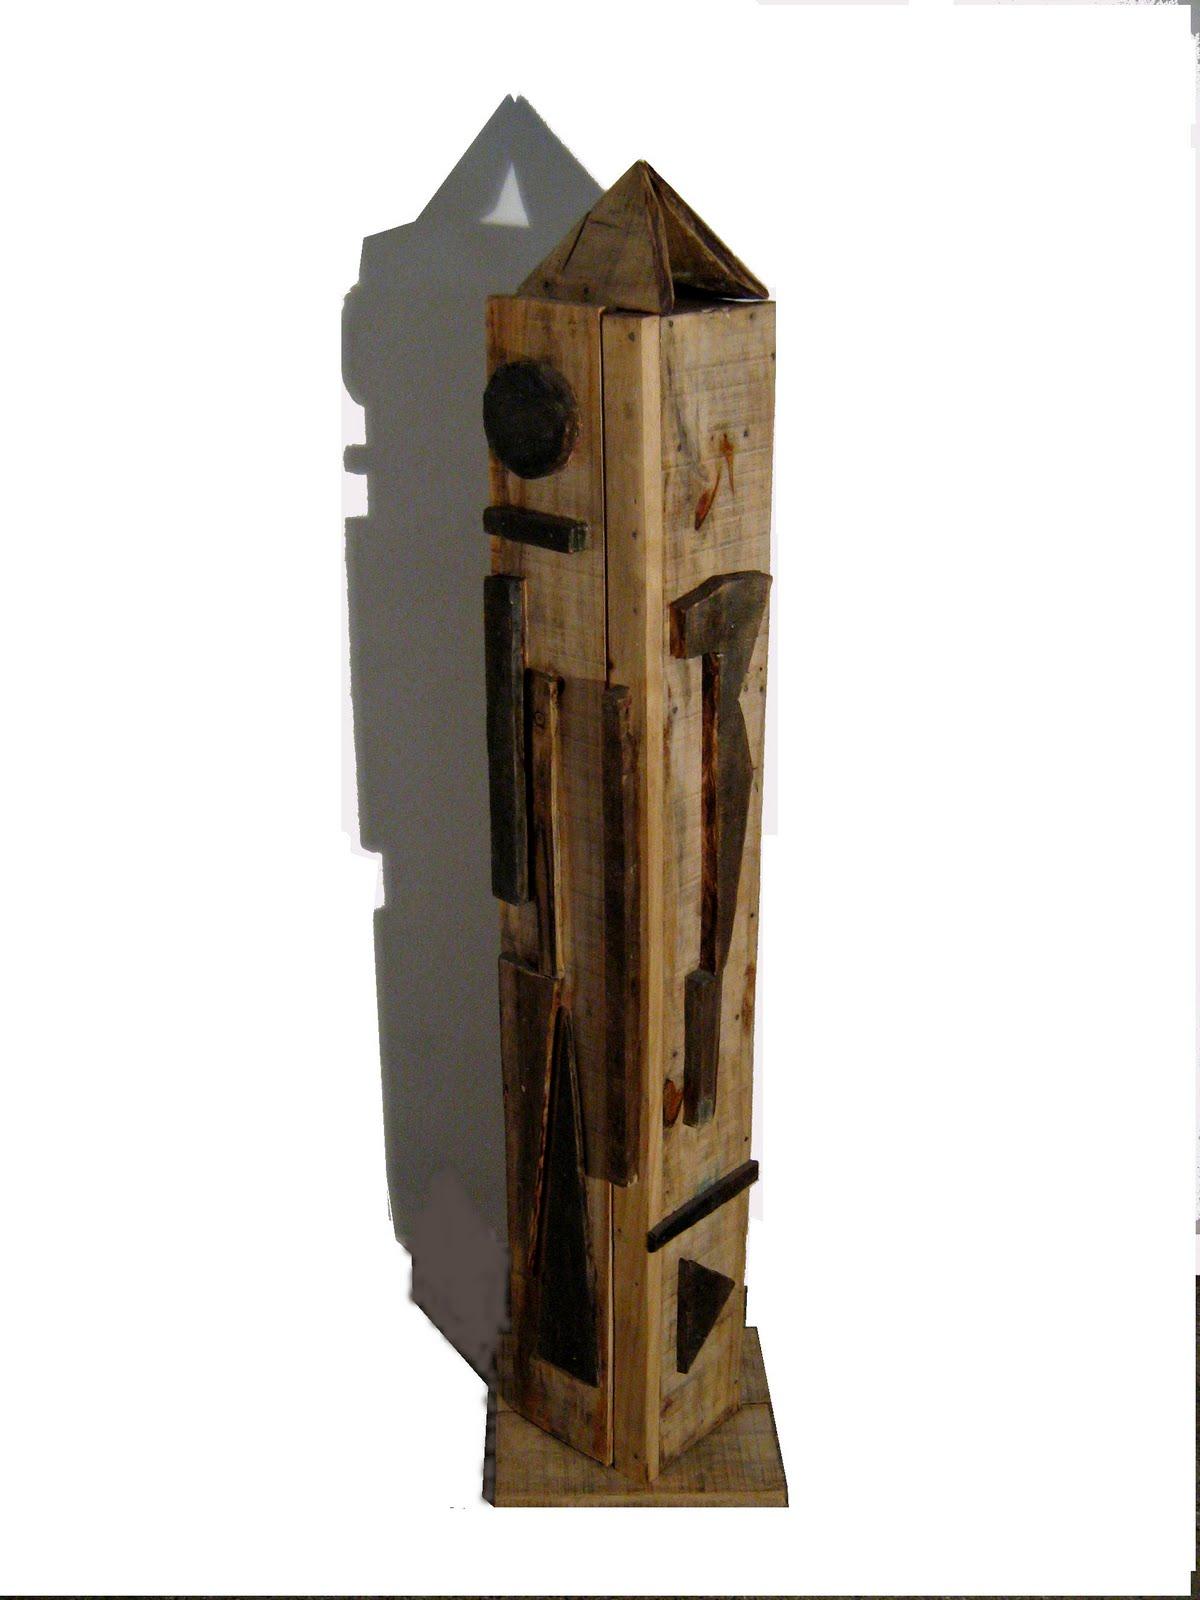 Arte chatarra madera restauraciones arte chatarra madera reciclaje y fabricacion de muebles - Reciclaje de la madera ...